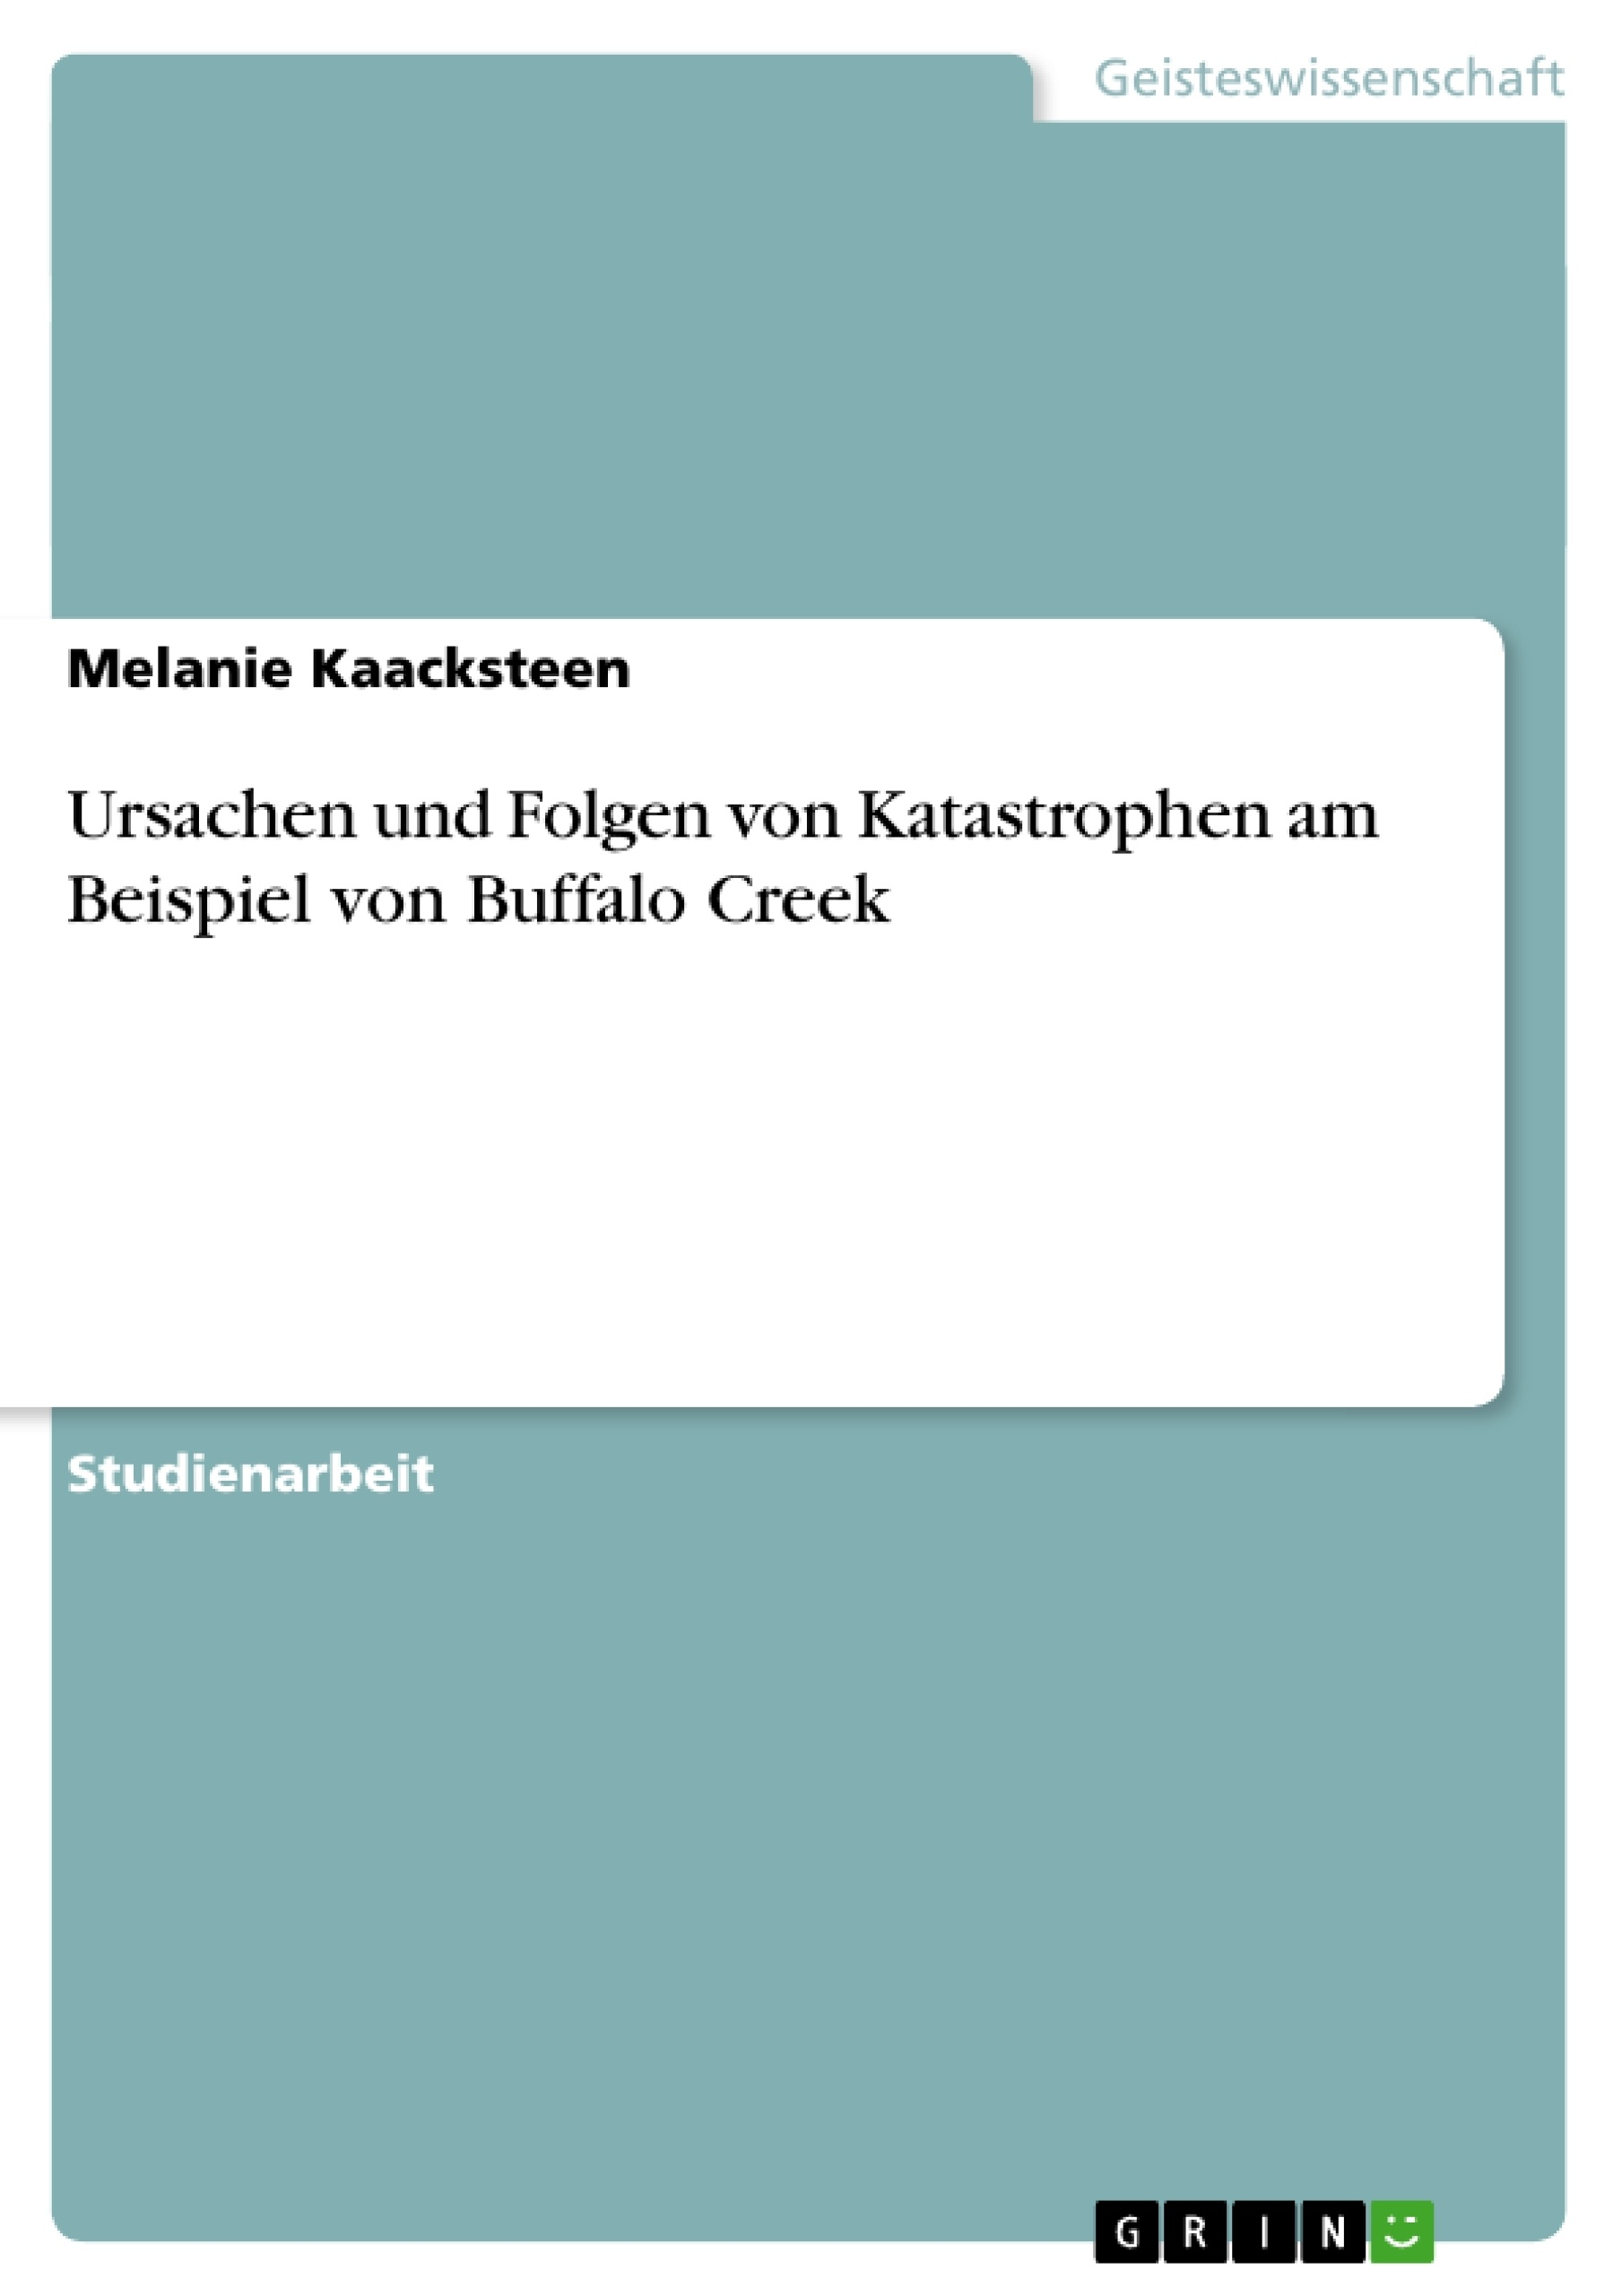 Titel: Ursachen und Folgen von Katastrophen am Beispiel von Buffalo Creek